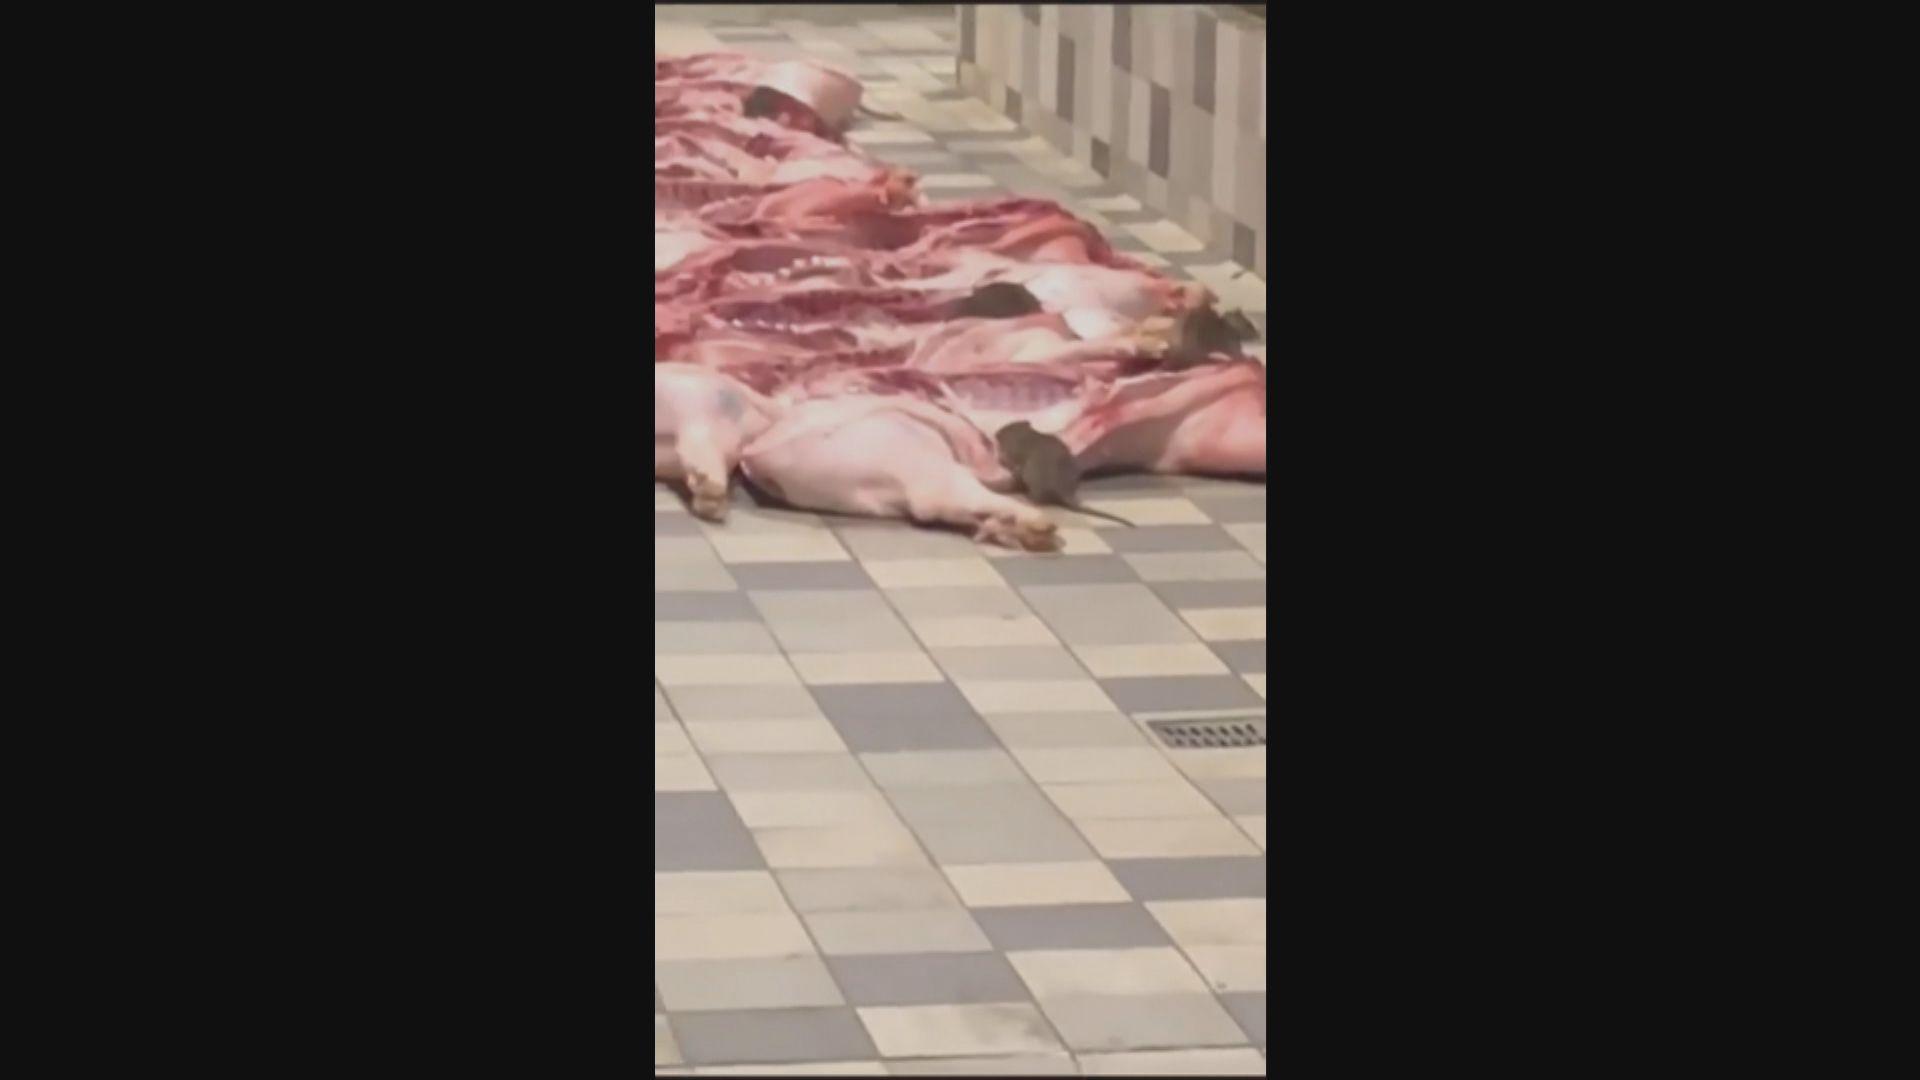 秀茂坪街市老鼠食豬肉 領展勒令檔戶停業